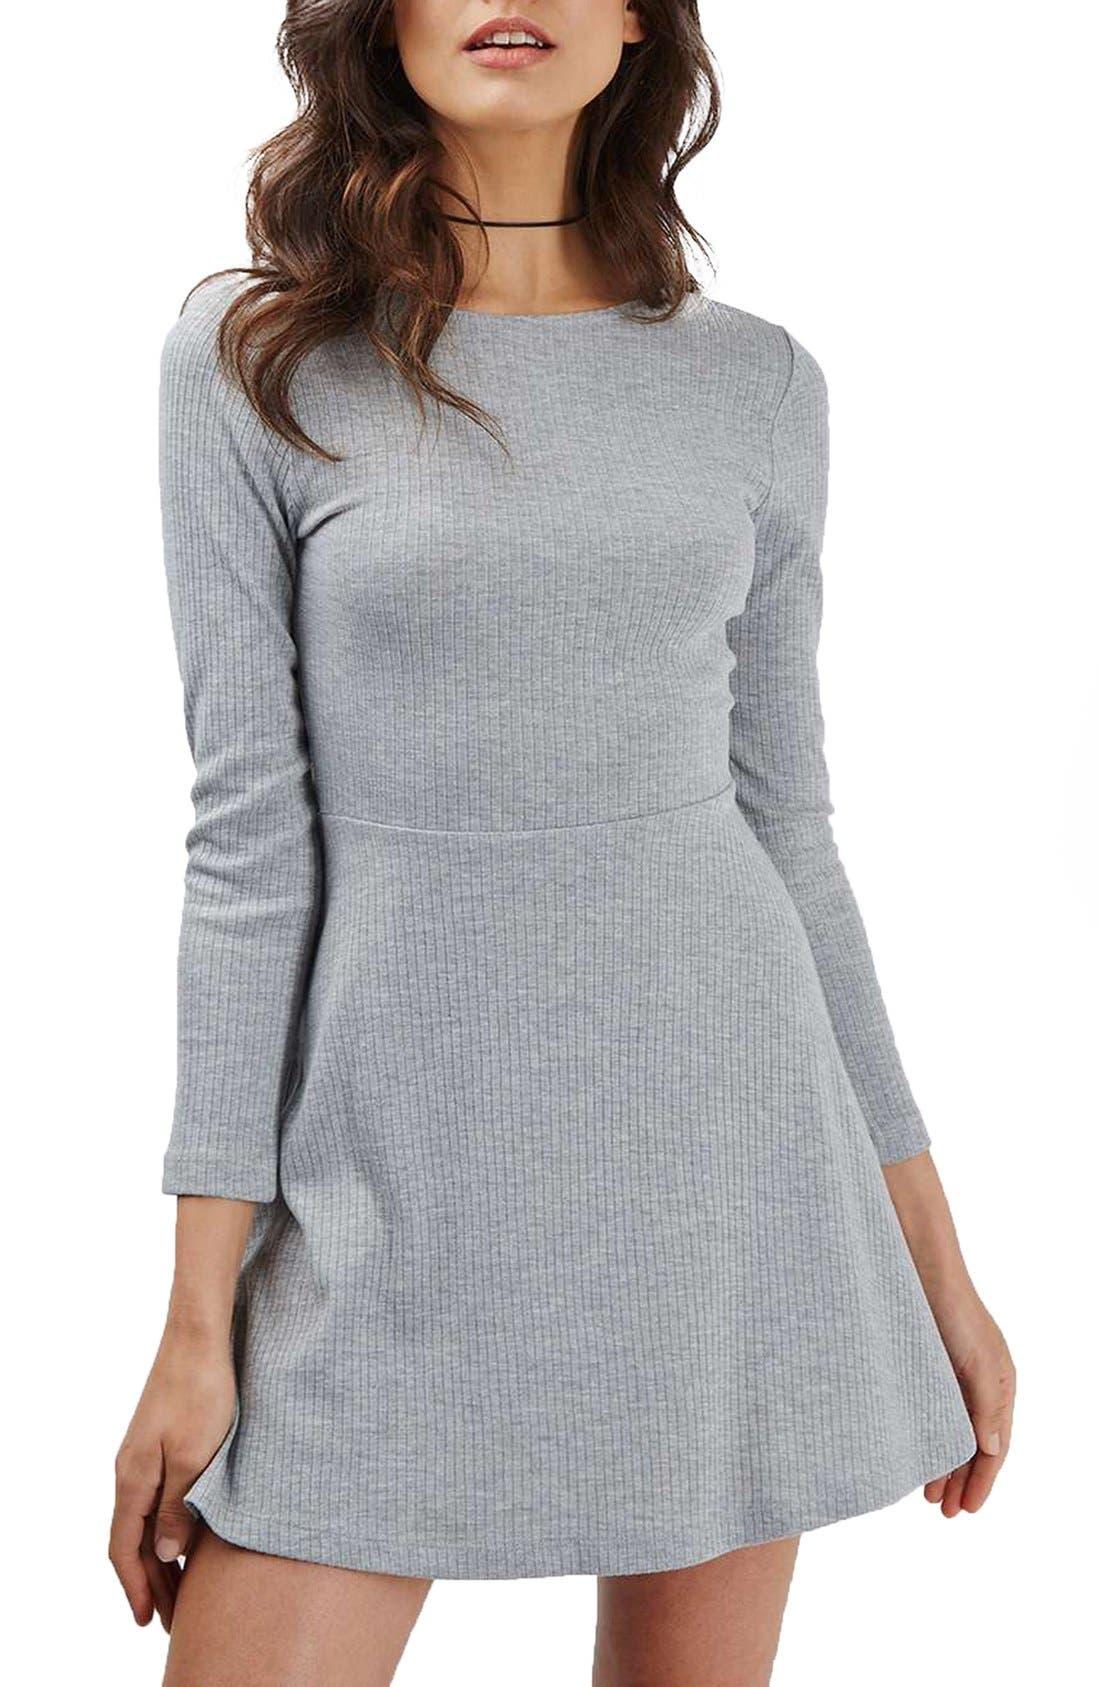 Alternate Image 1 Selected - Topshop Lace-Up Back Skater Dress